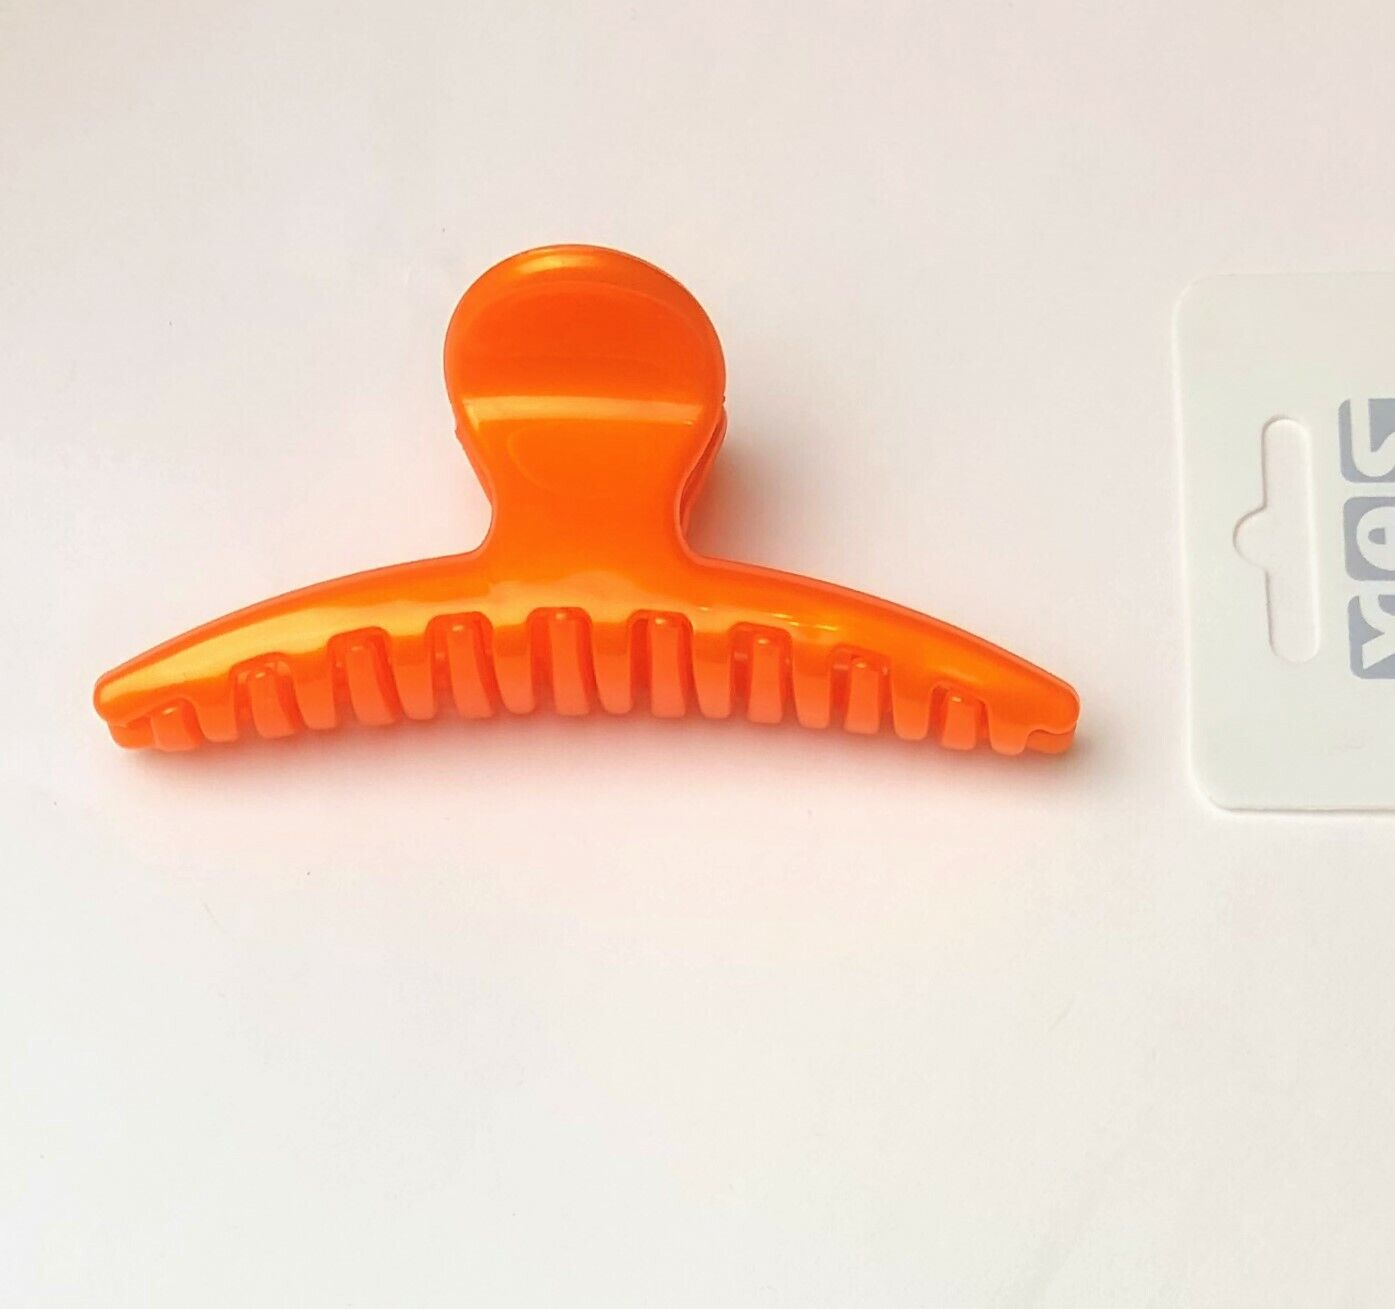 Haarkrebs Haarklammer Haarkralle Haarspange Innenzahnung orange 9,7 cm x 4 cm